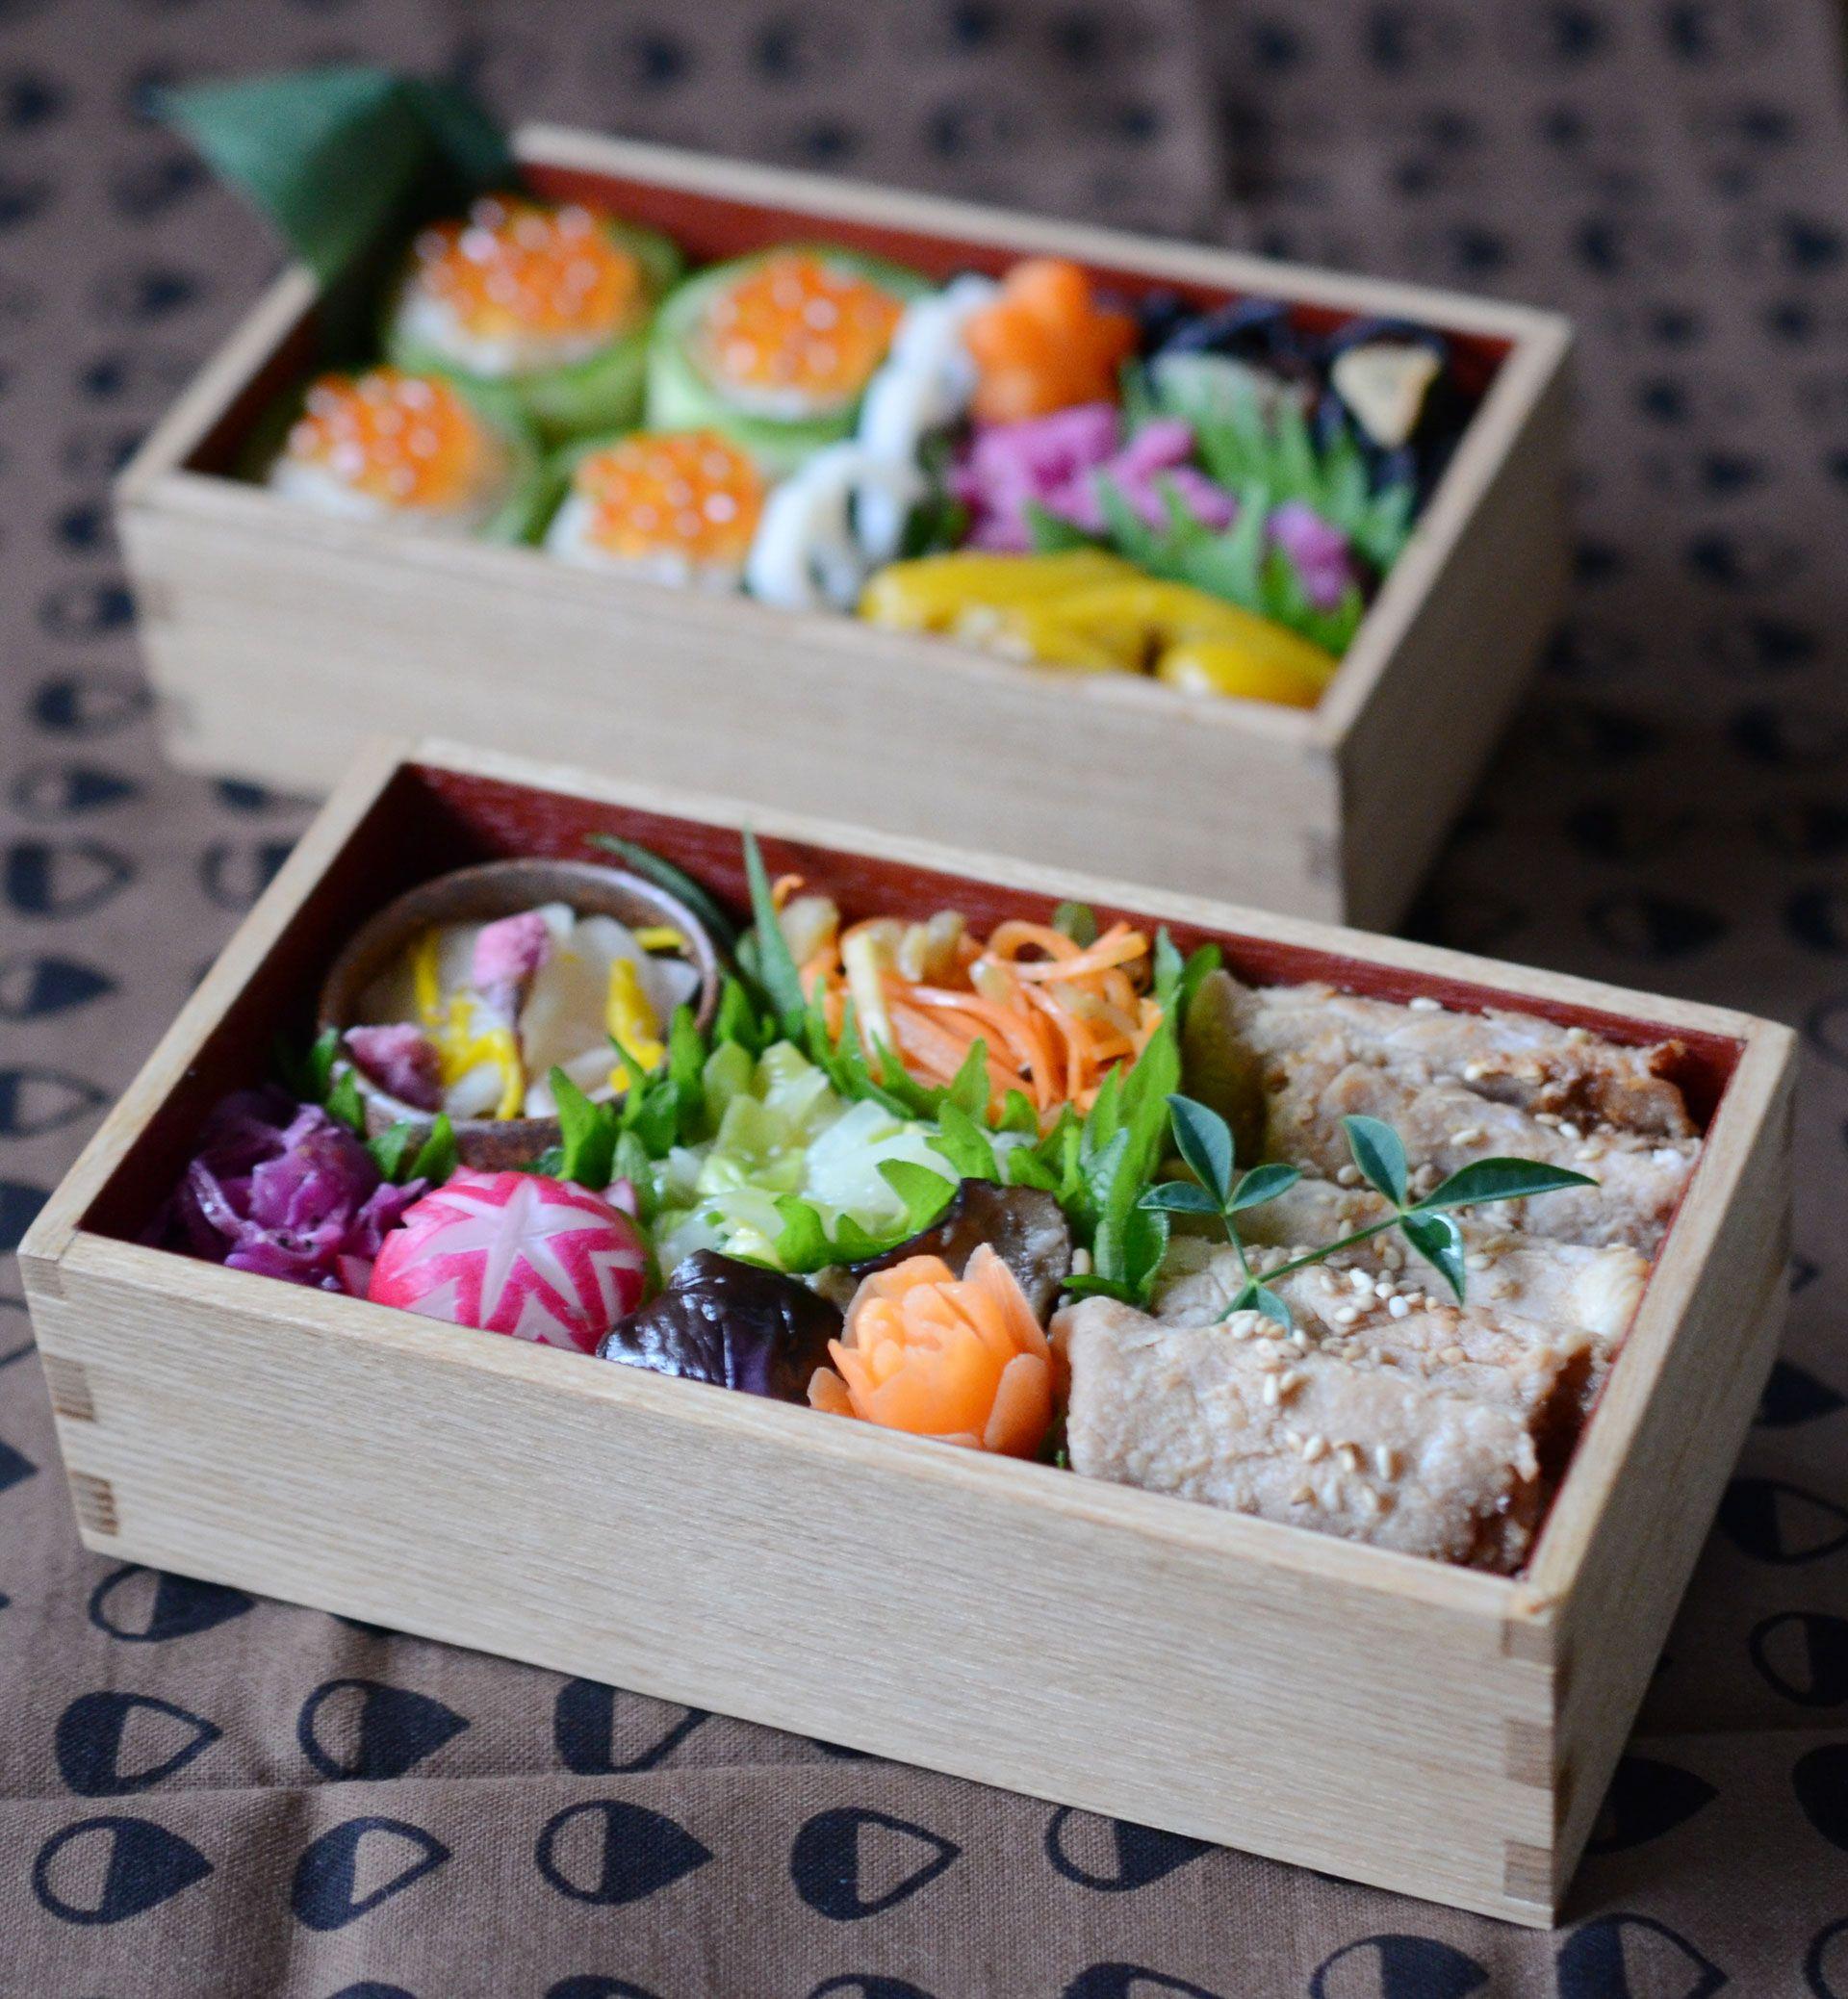 生姜焼き・茄子南蛮・白菜のエスニック風・人参のザーサイサラダ